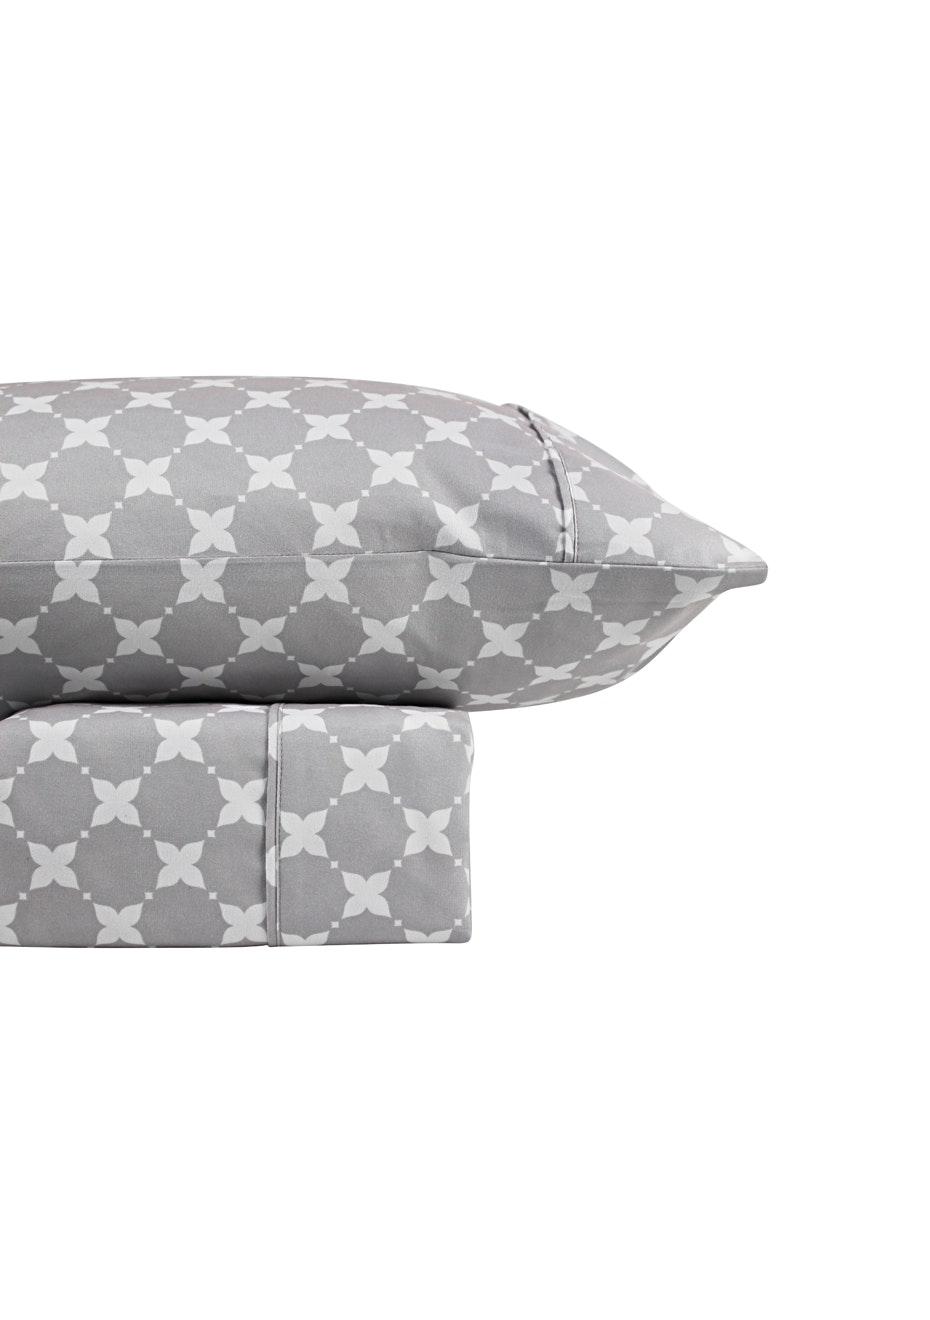 Thermal Flannel Sheet Sets - Aspen Design - Glacier - King Bed